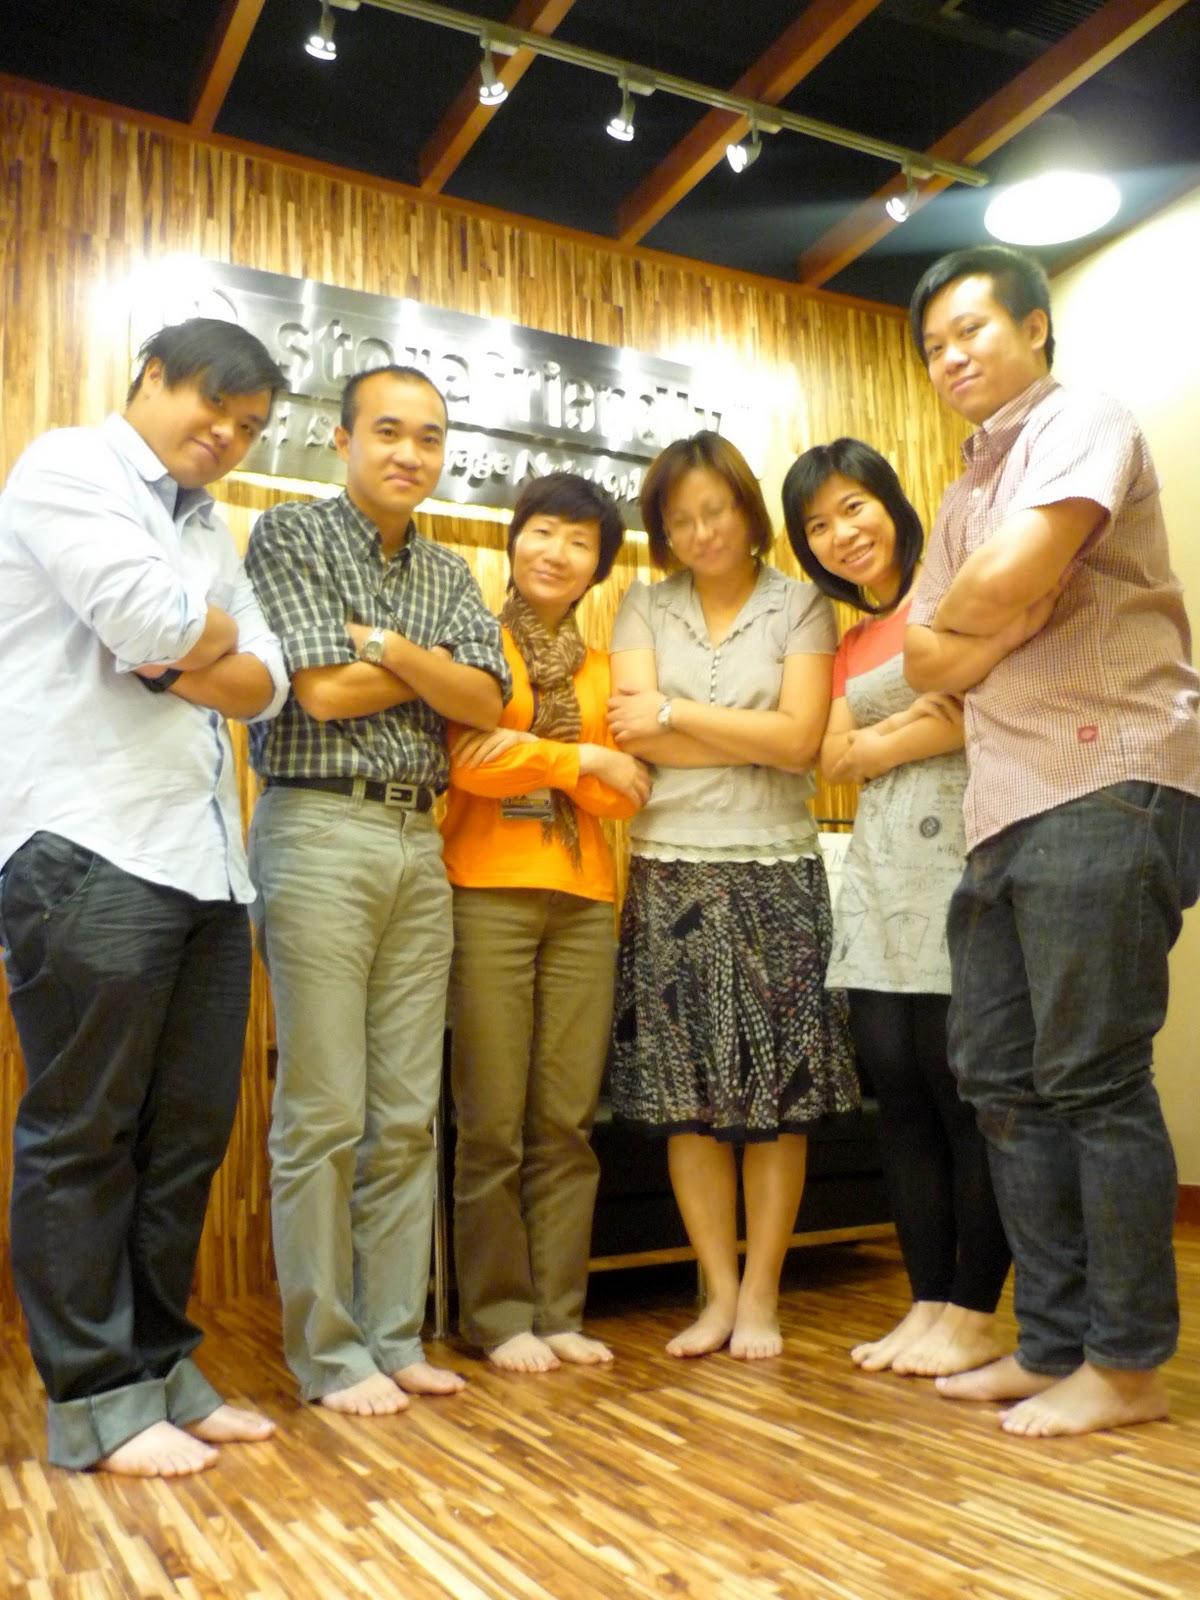 儲存易迷你倉集團 Storefriendly Self Storage Group Blog [No.1 Self Storage in Asia]: 儲存易迷你倉集團參加樂施赤腳日 by ...